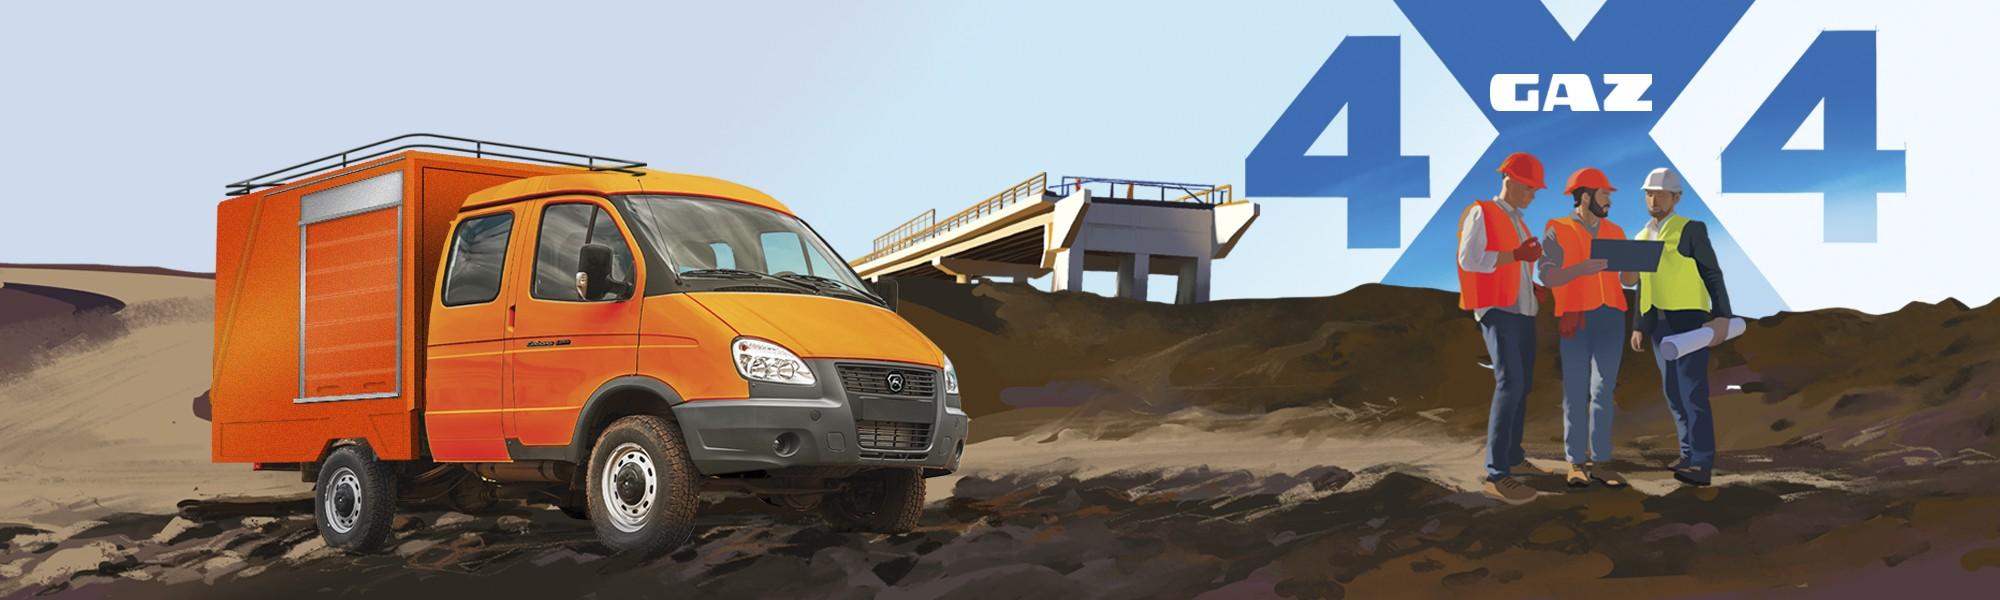 Спецпредложение Выгода от 701 000 Р при покупке ГАЗ 4х4. Десктопное изображение